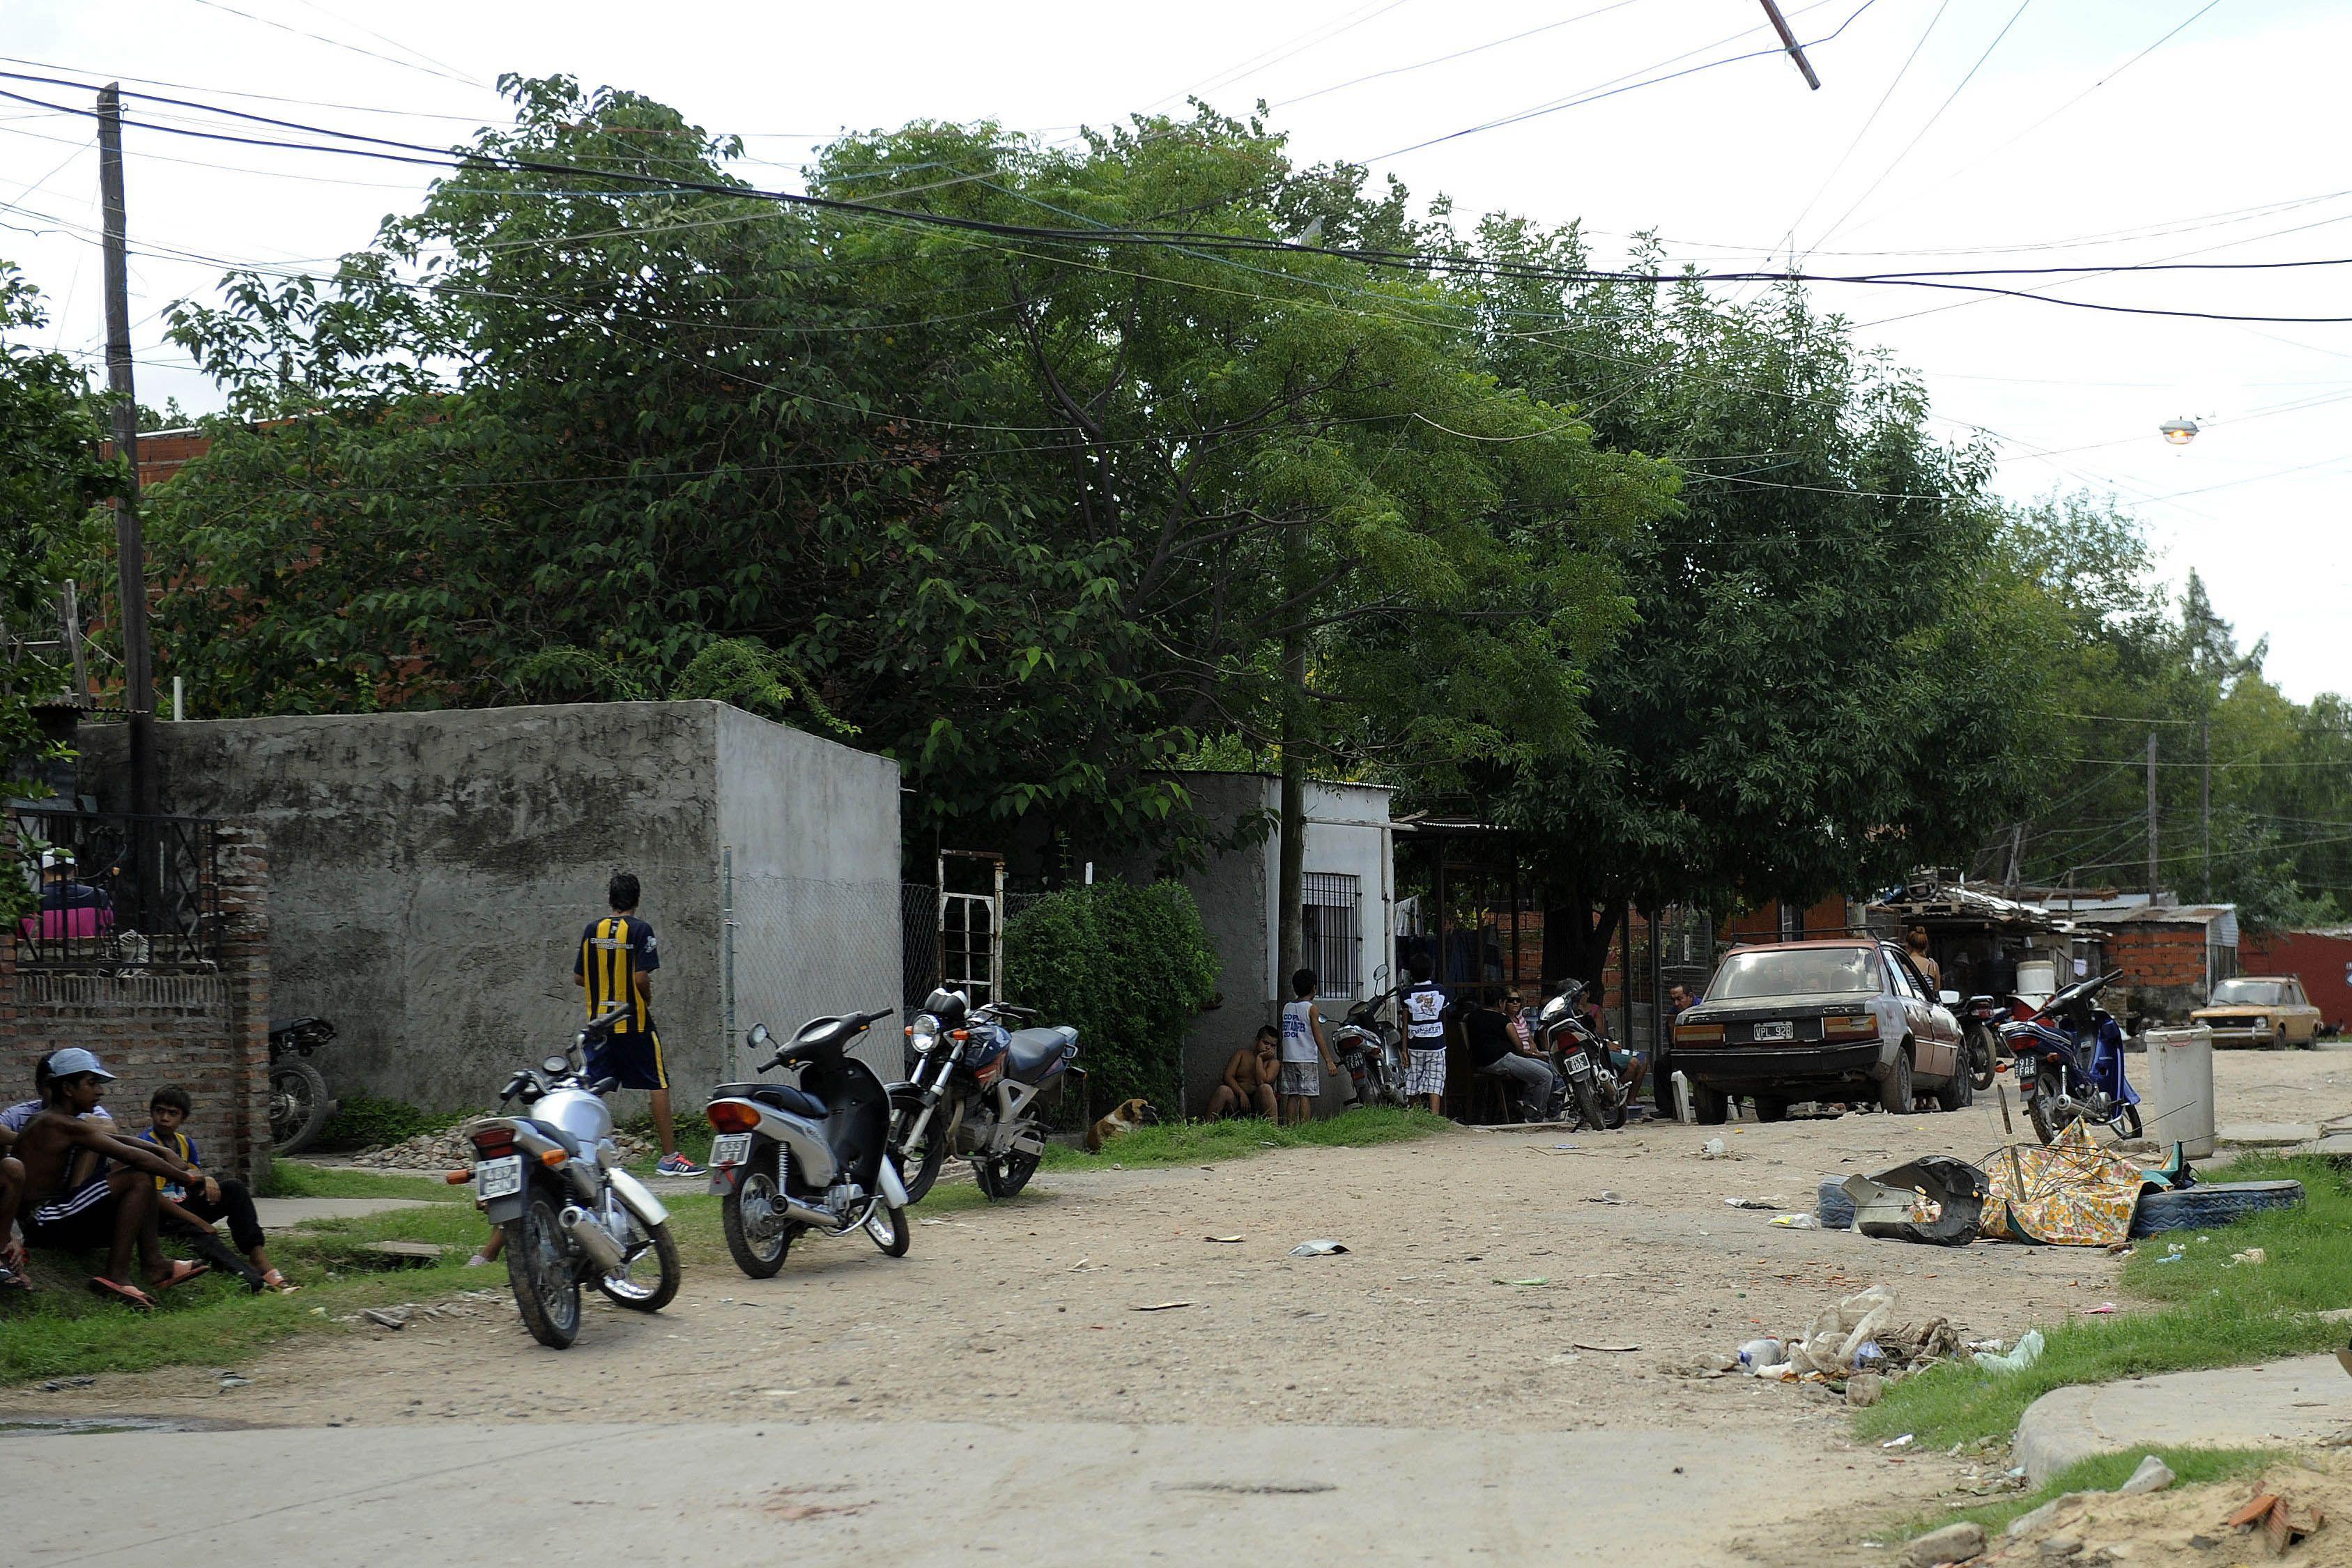 El lugar donde la noche del miércoles atacaron a tiros a Ariel Alejandro Avila